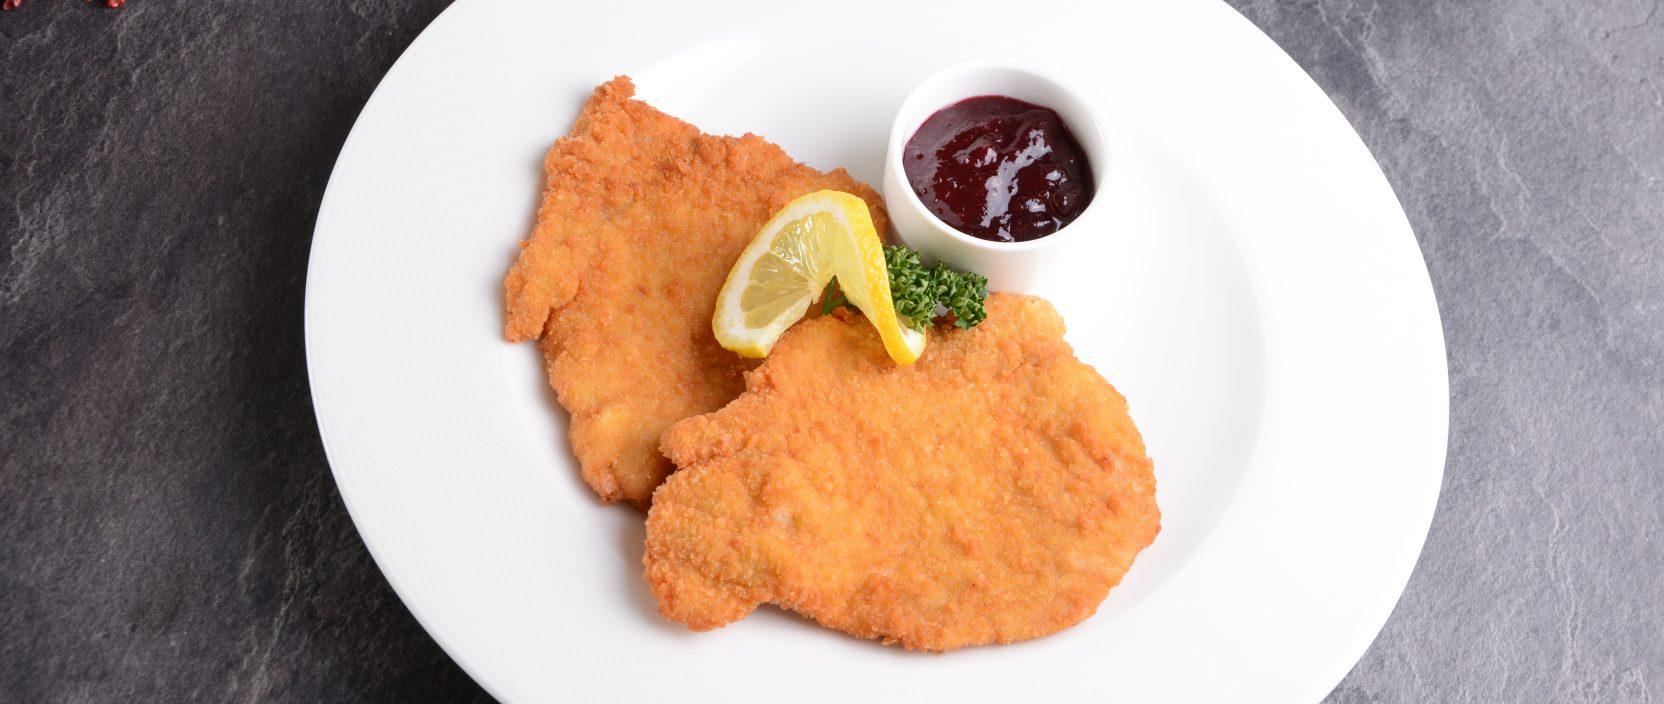 Rezept: Gebackenes Duroc Schnitzel mit Preiselbeer-Kompott, Wiesbauer